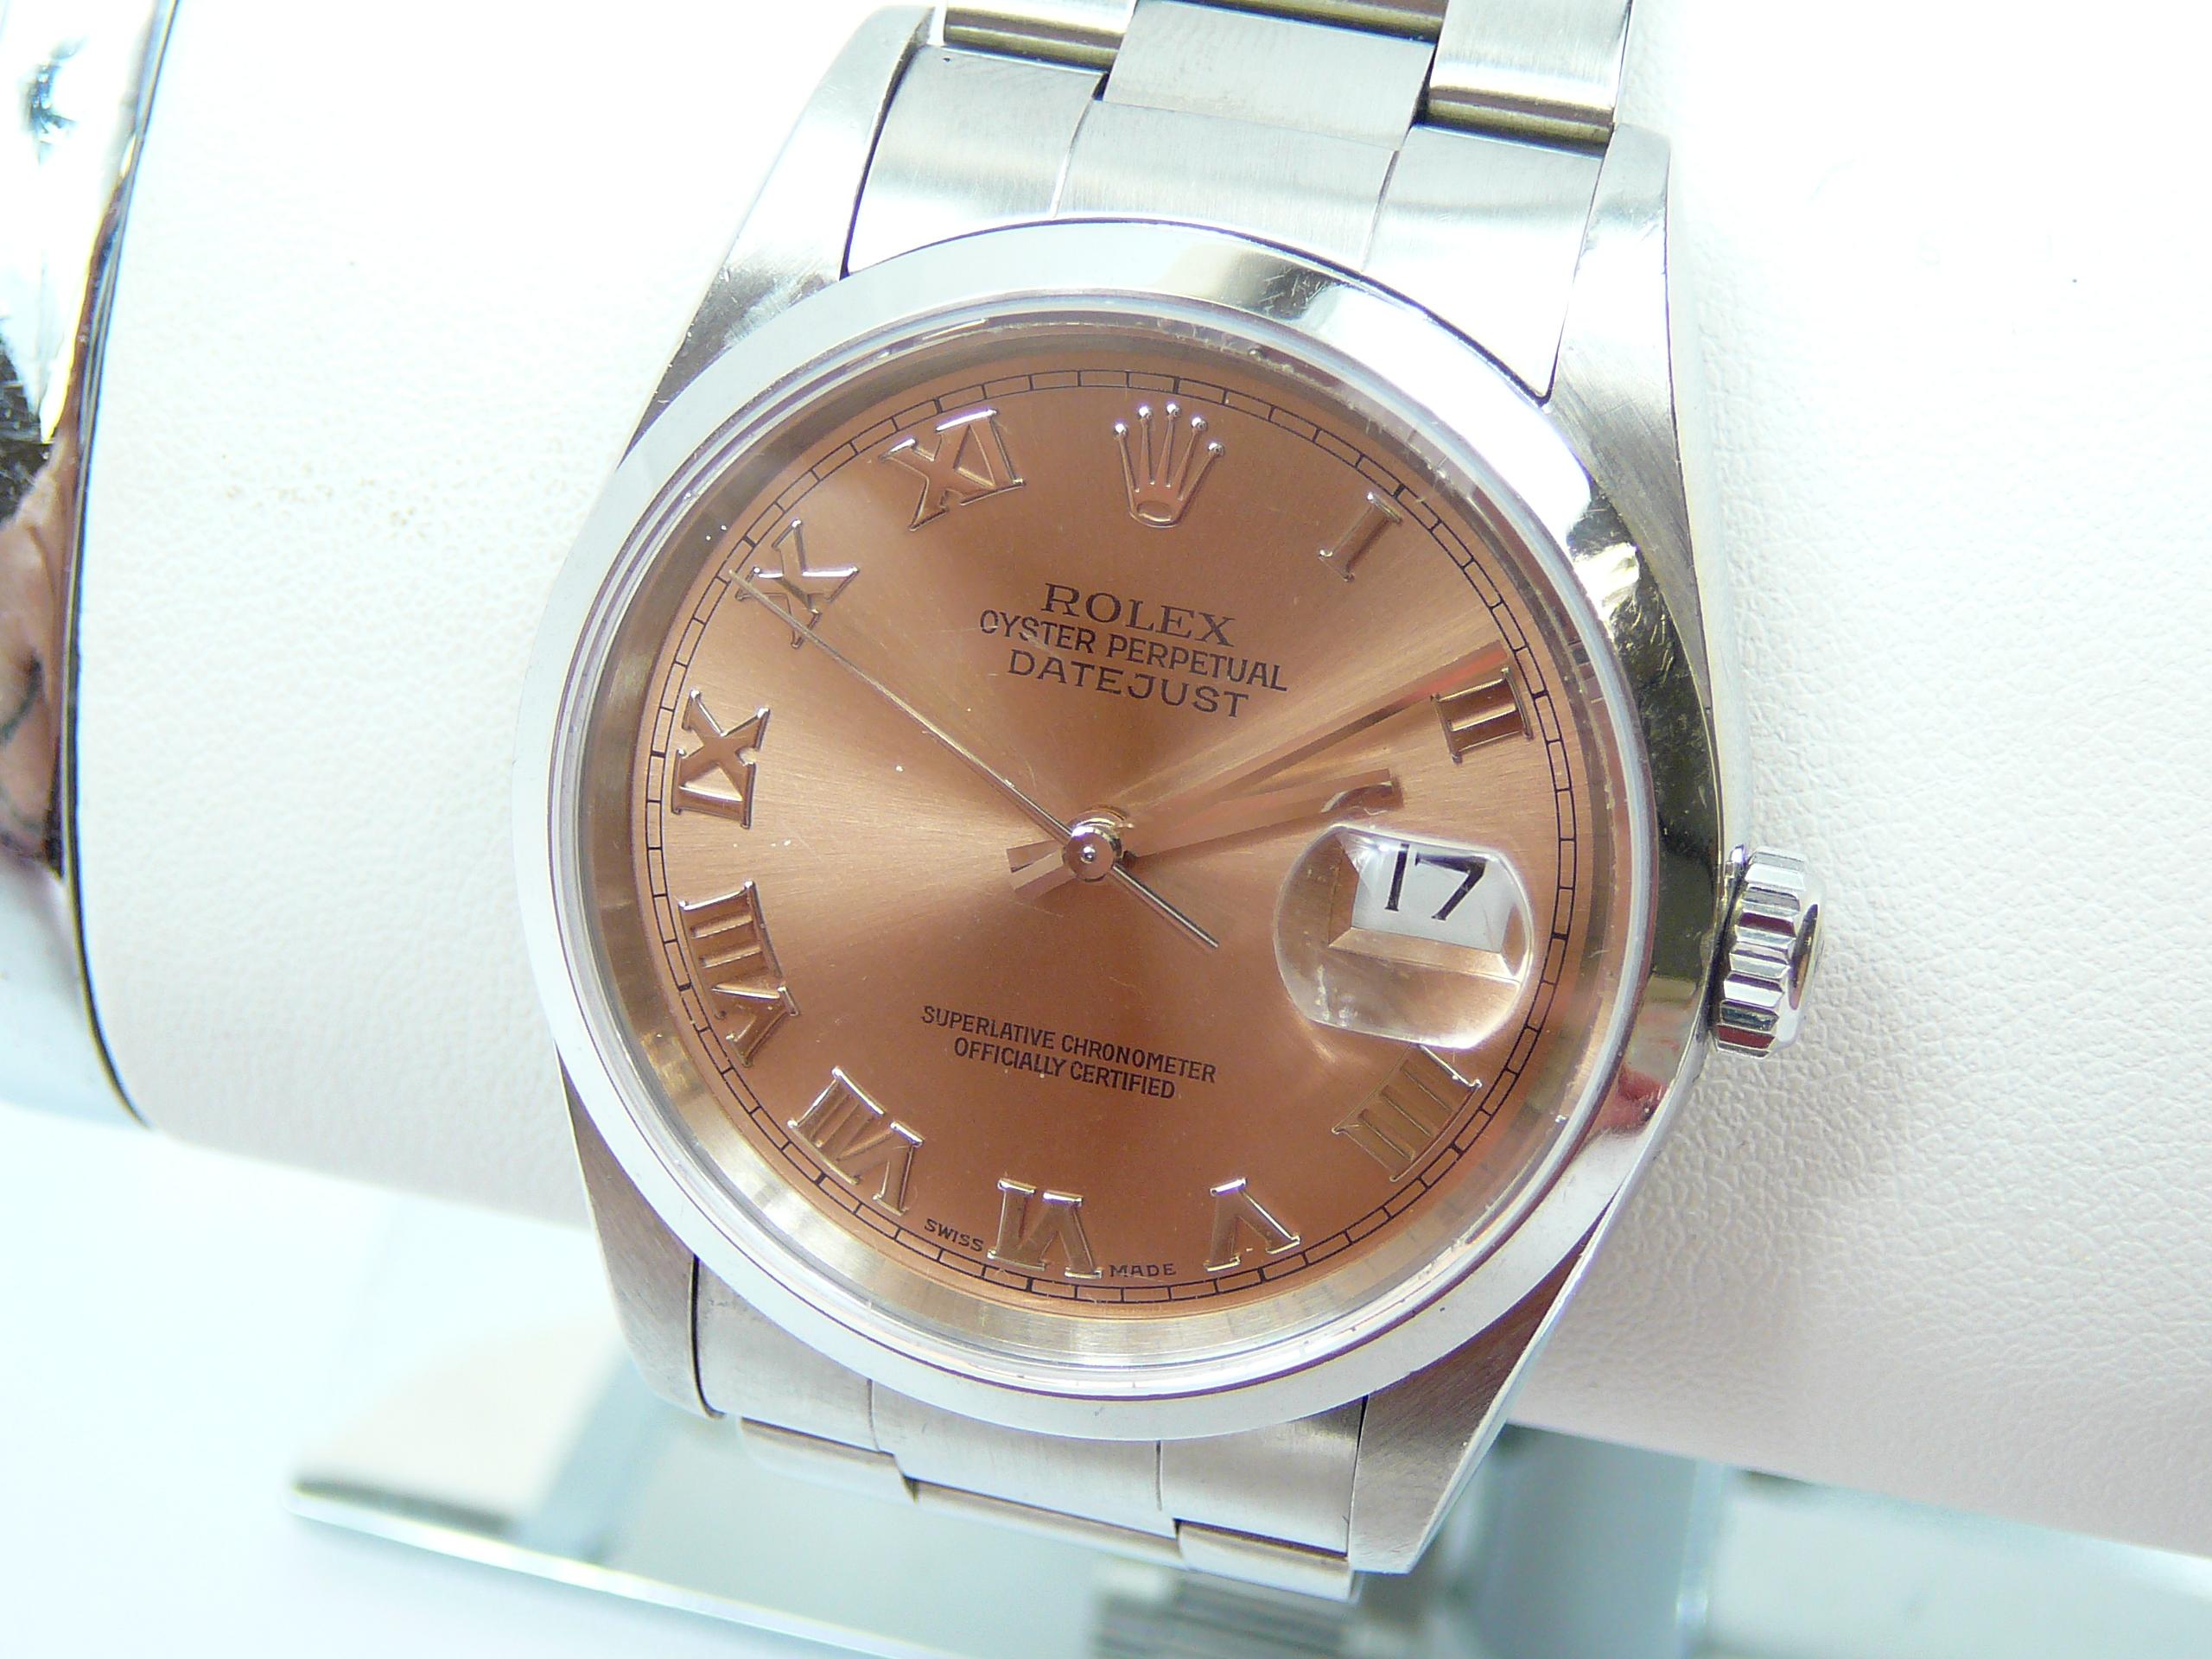 Gents Rolex Wrist Watch - Image 2 of 5